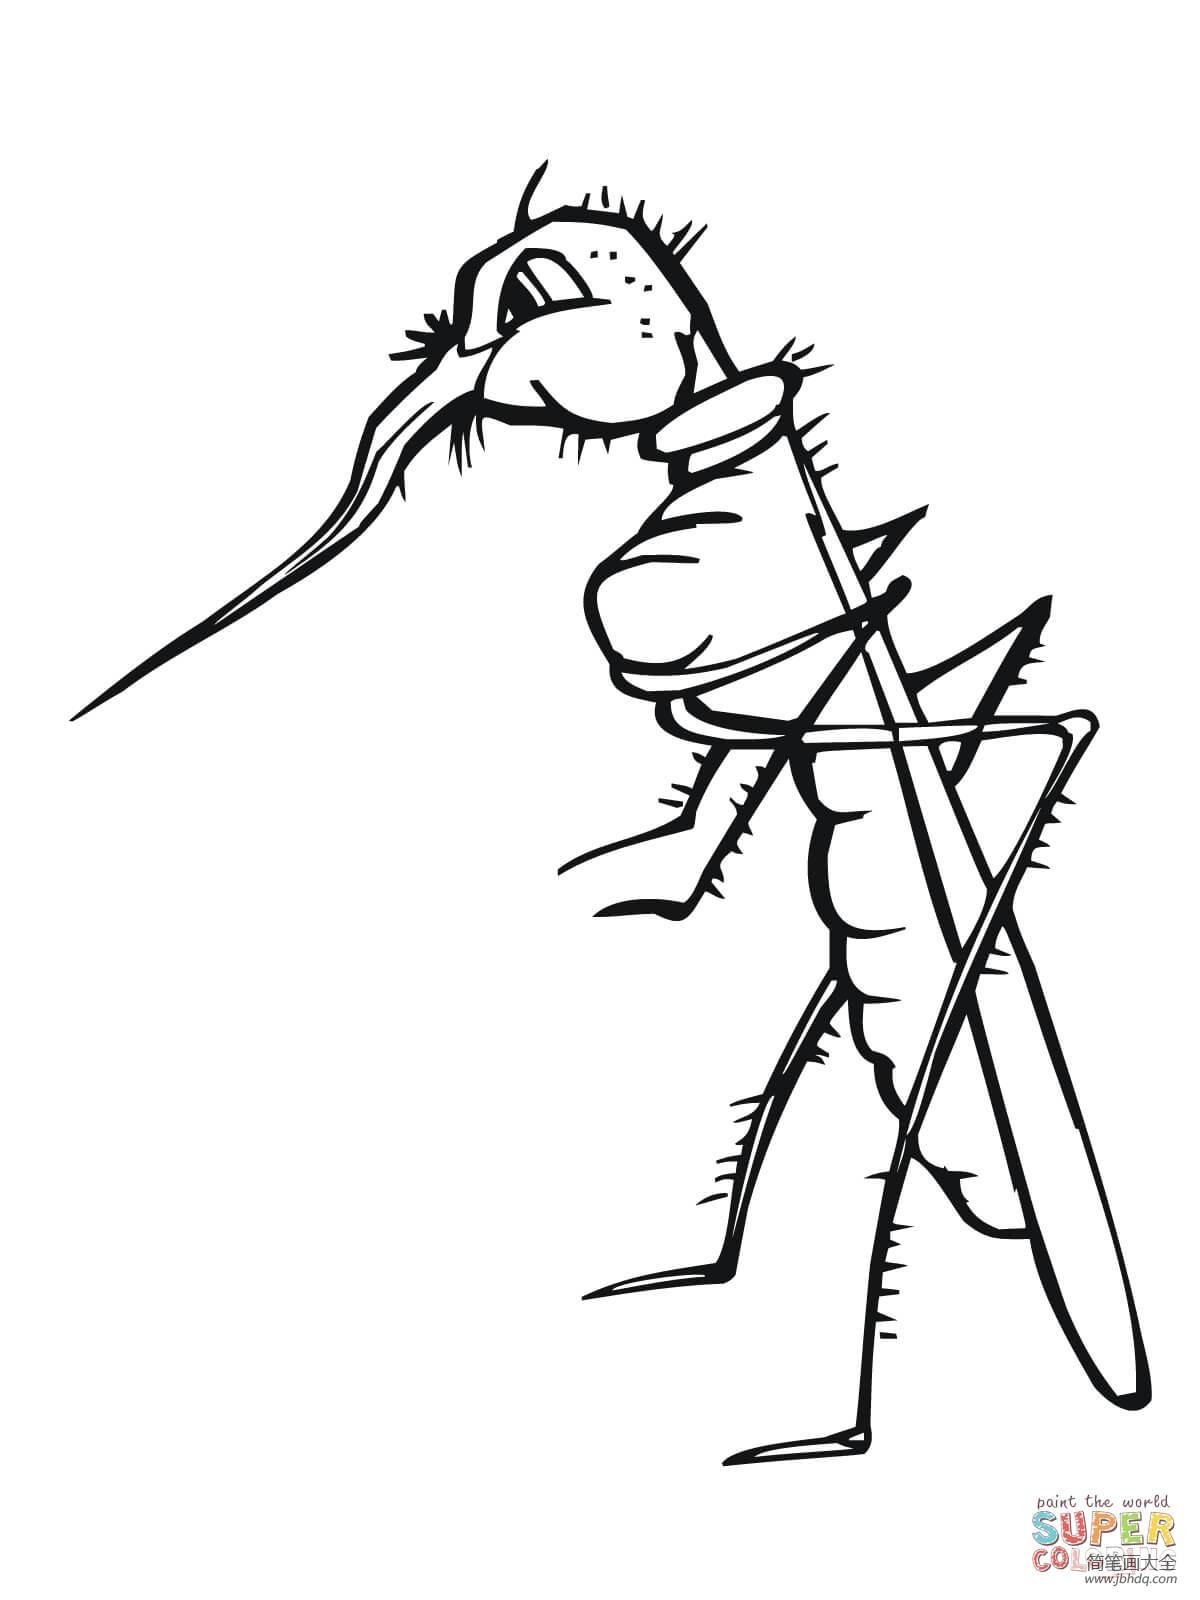 [动漫蚊子简笔画图片大全]动漫蚊子简笔画图片